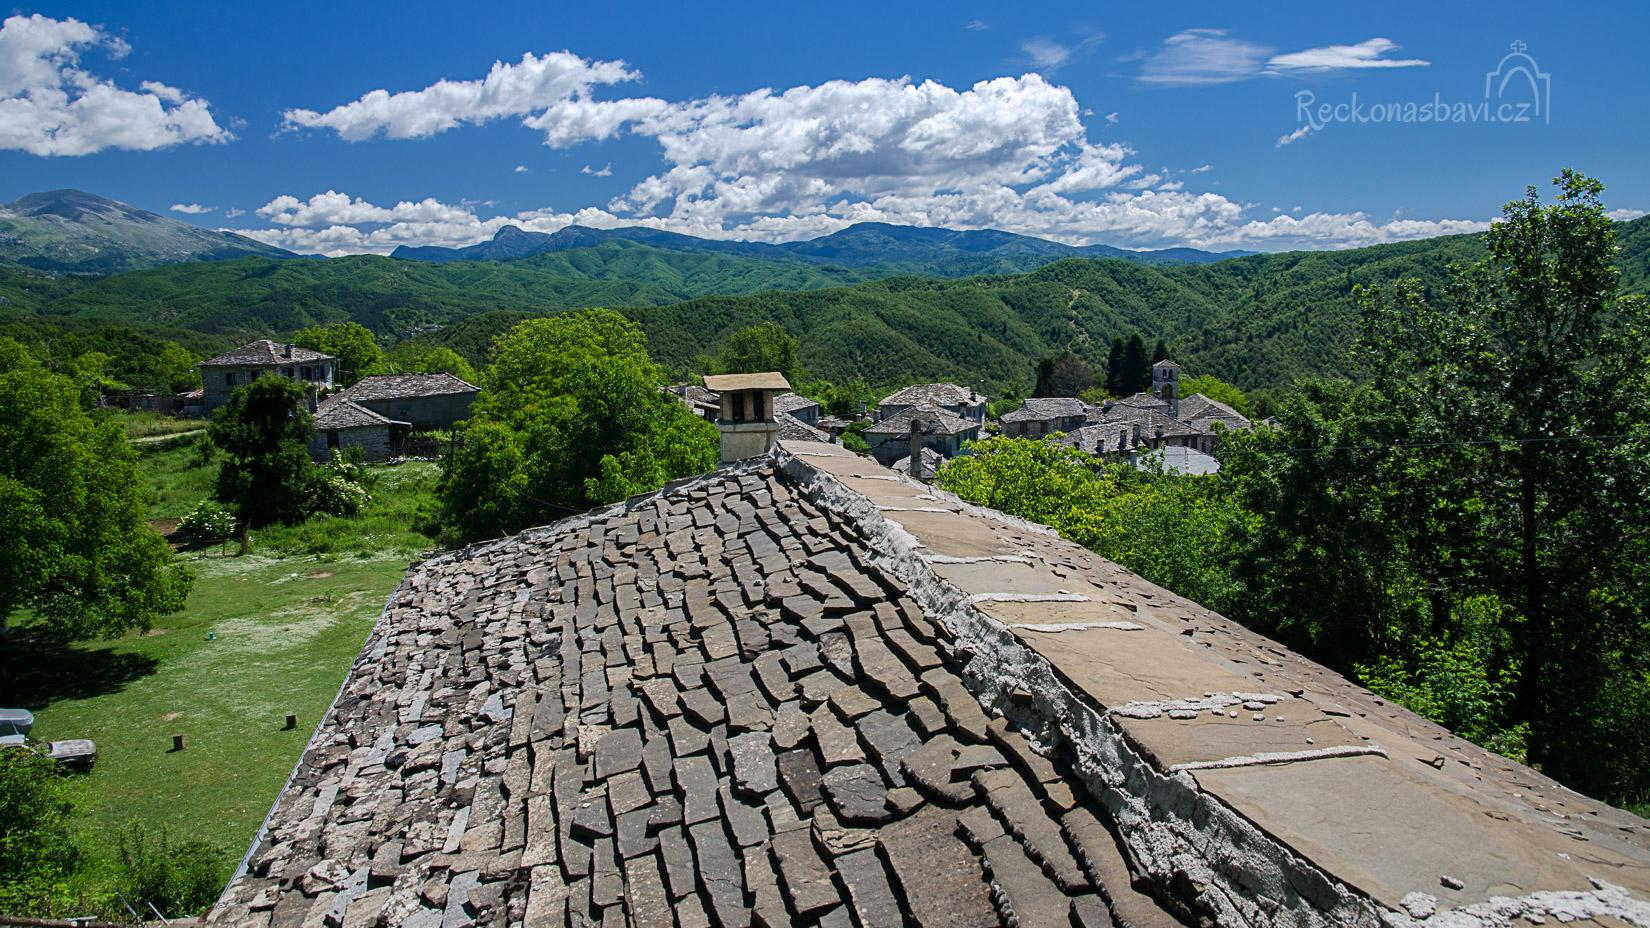 zapomenutý kus ráje v severní části pohoří Pindhos... To je ZAGORI...